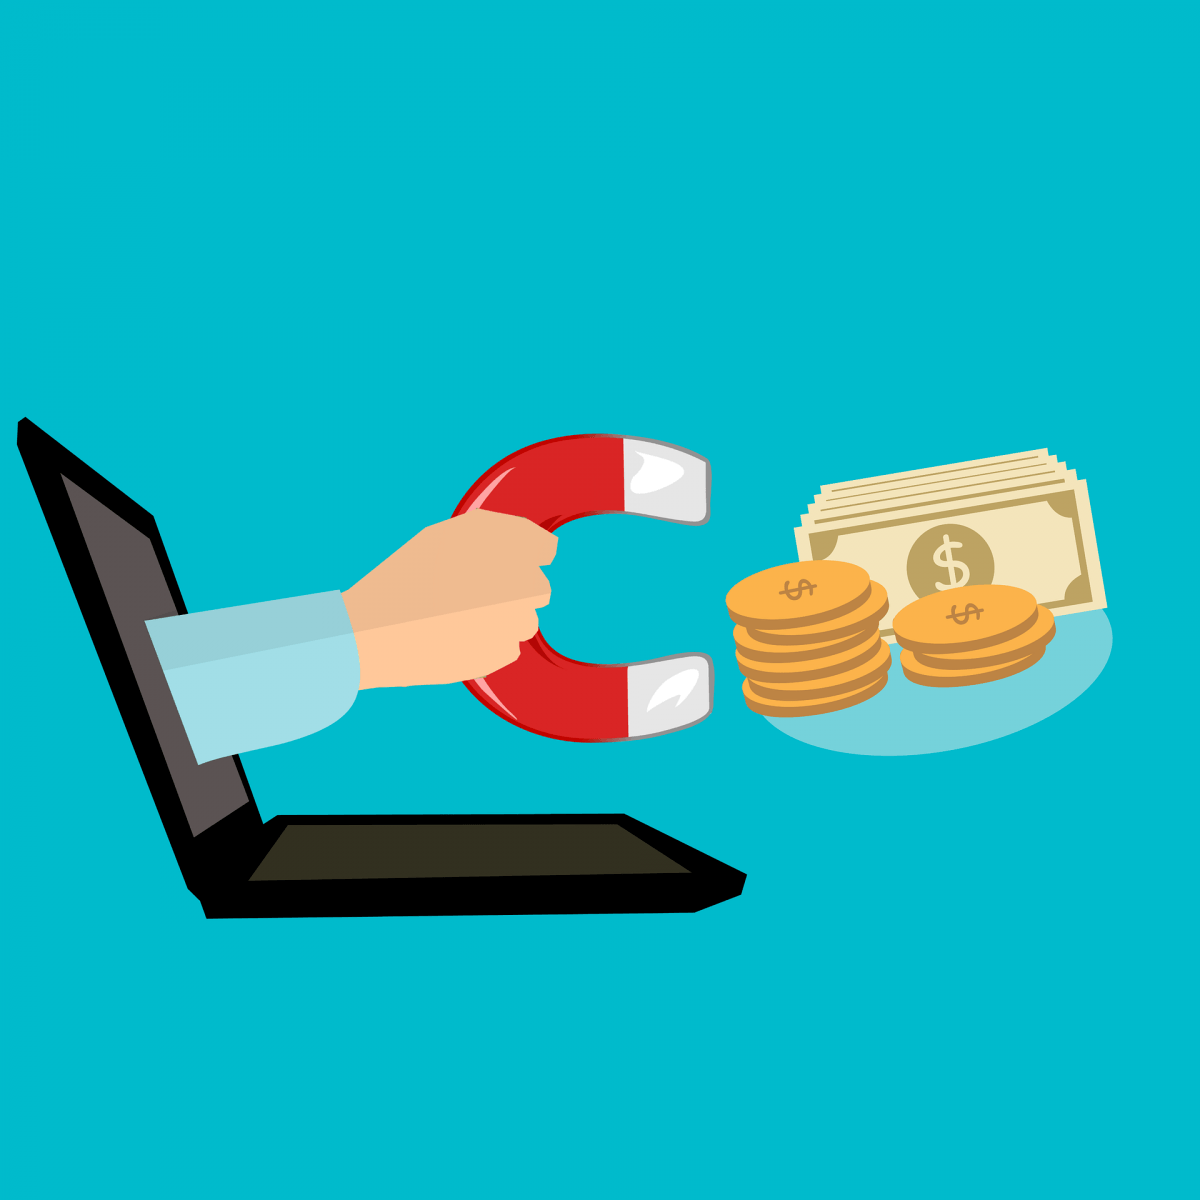 Cómo ganar dinero fácil y formas de obtener dinero desde casa